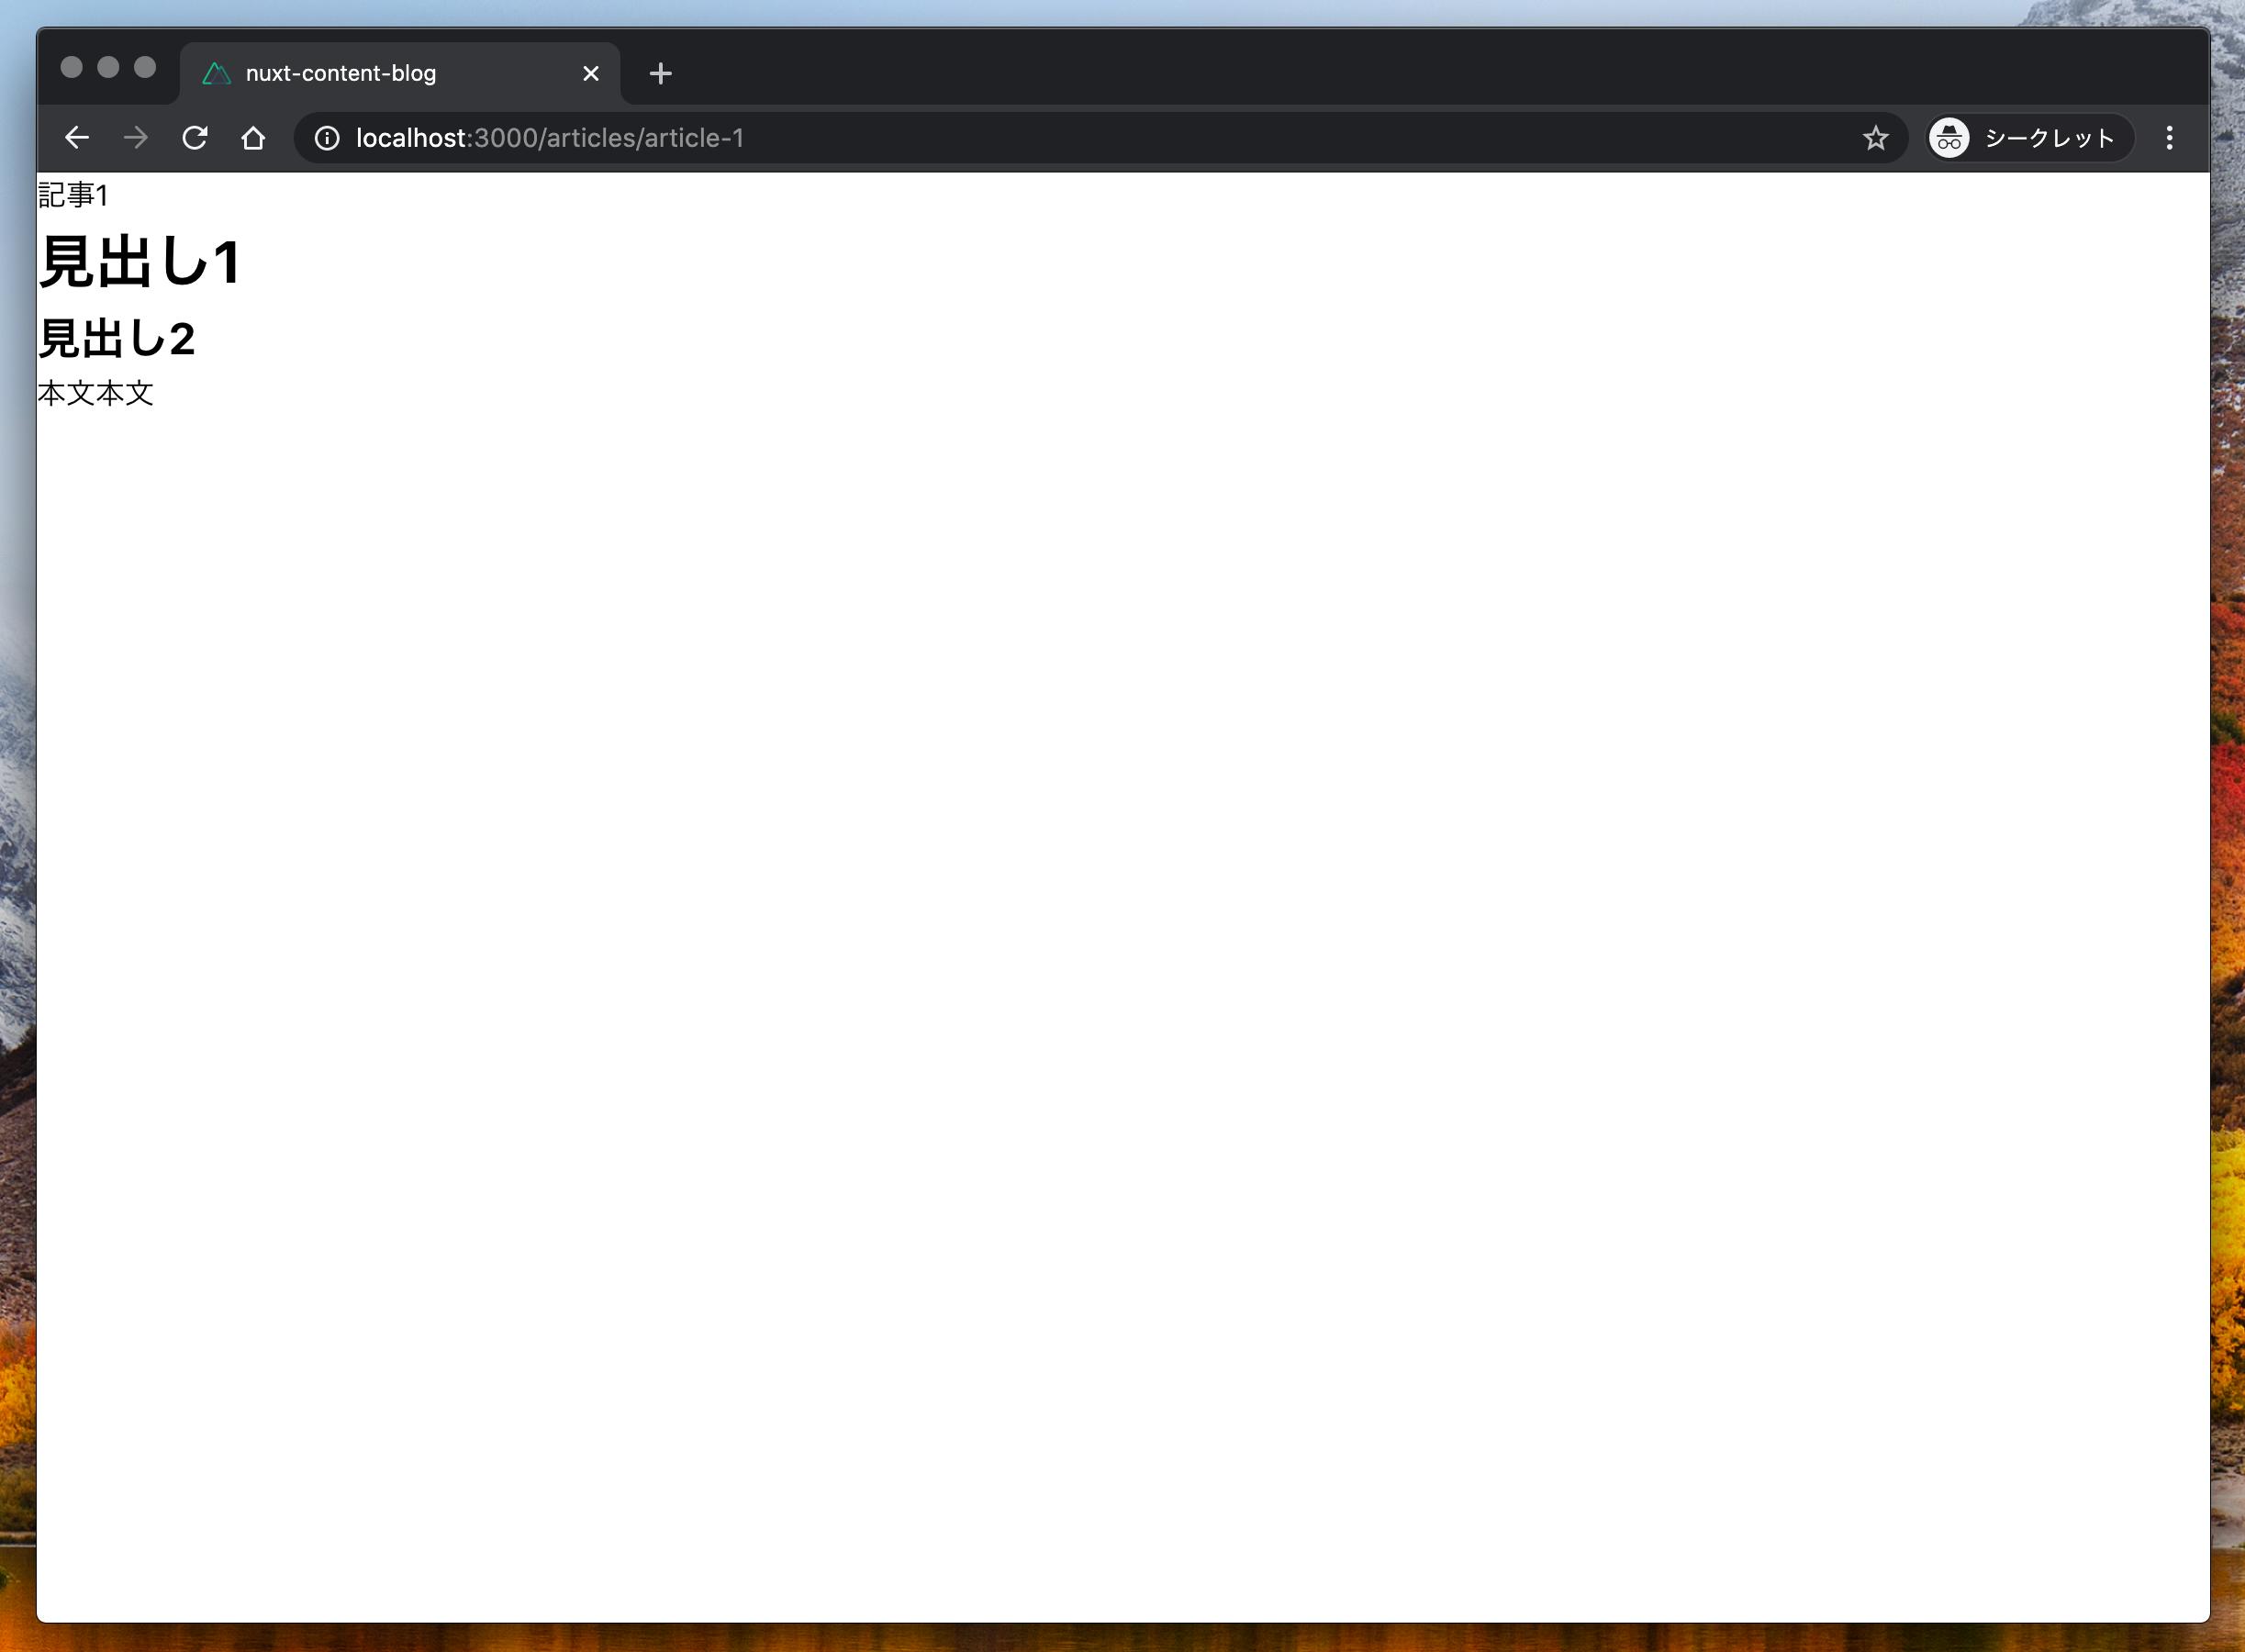 スクリーンショット 2020-06-02 08.57.42.png